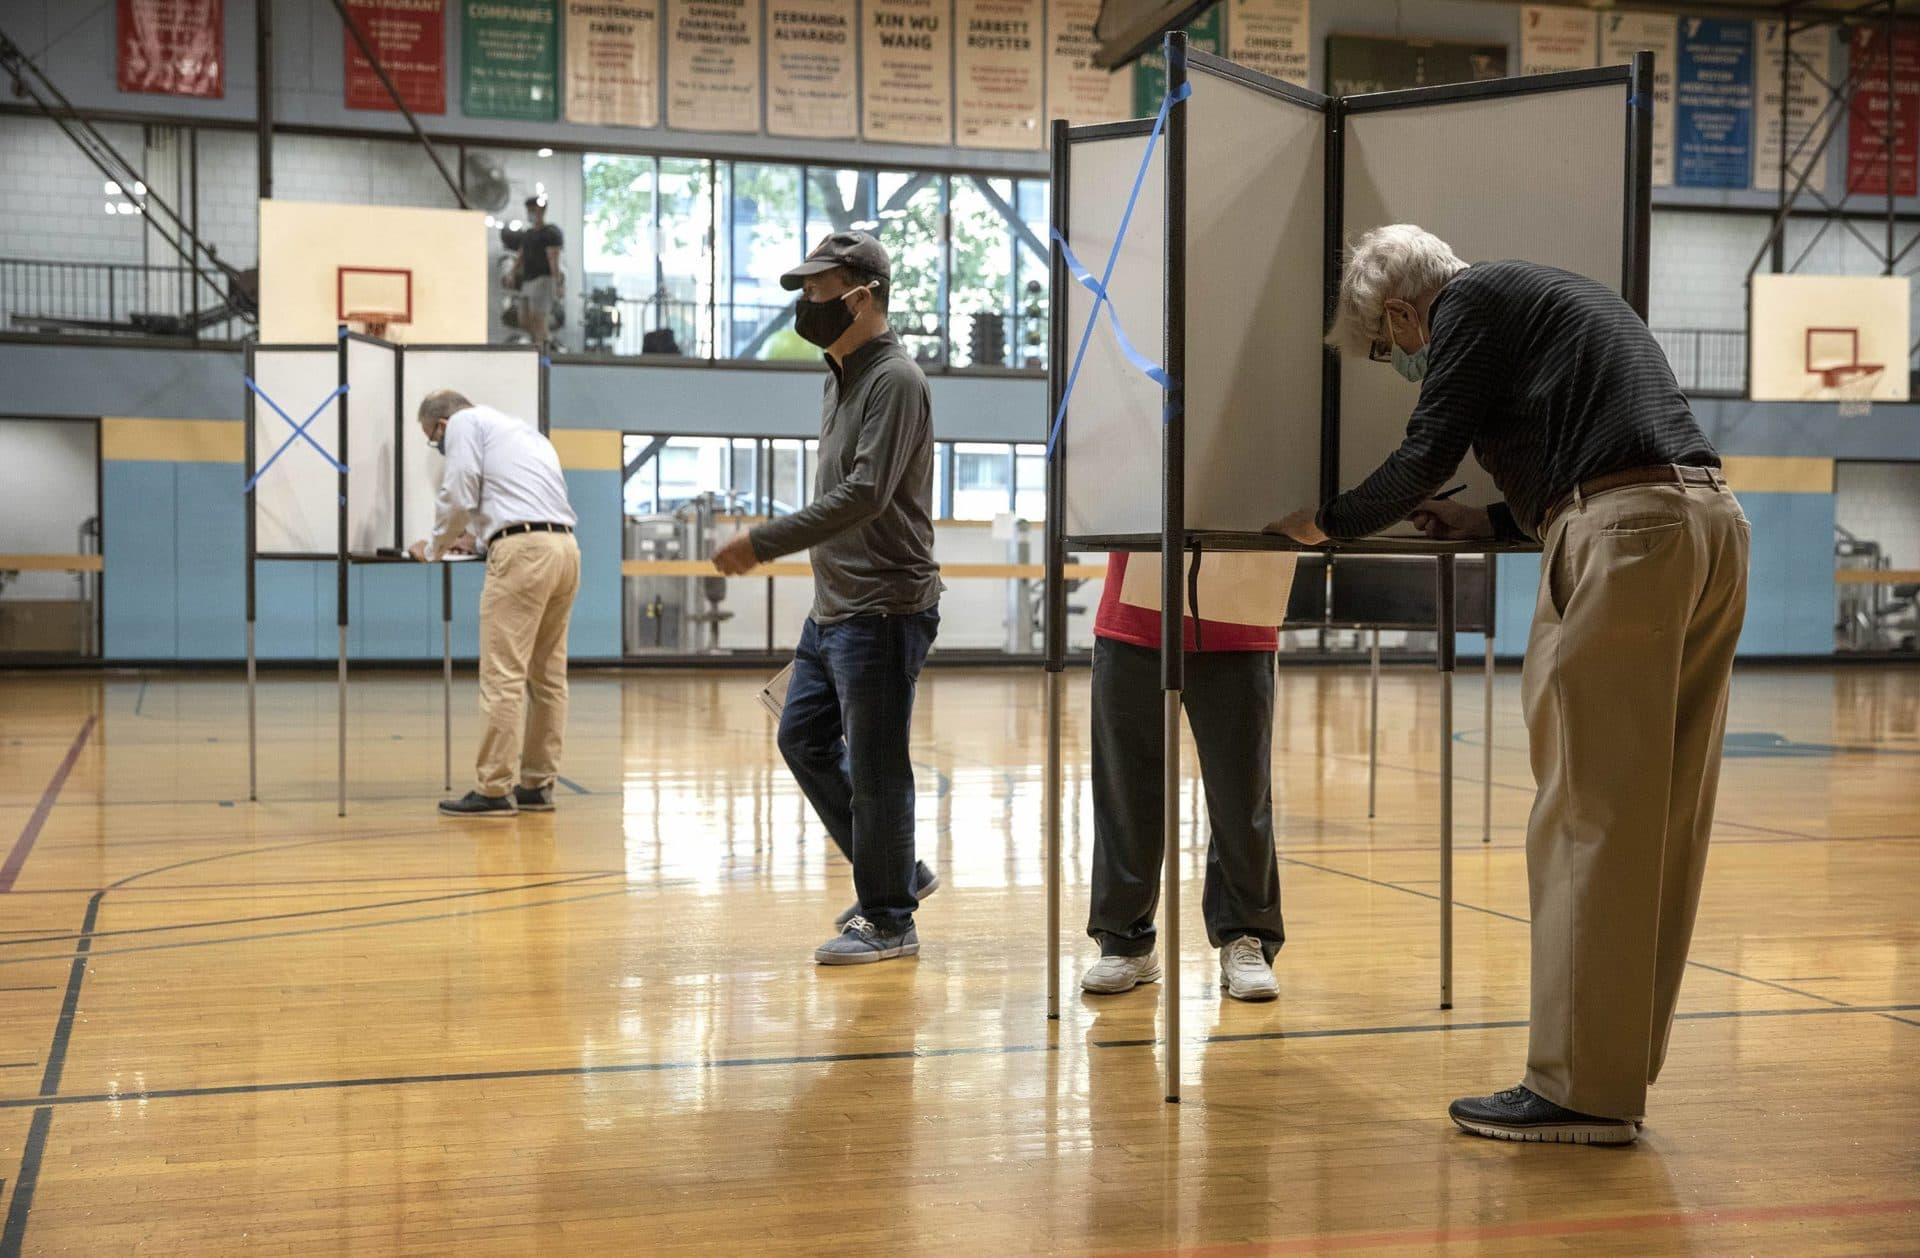 La votación comienza en el colegio electoral Wang YMCA en Boston.  (Robin Lubbock / WBUR)